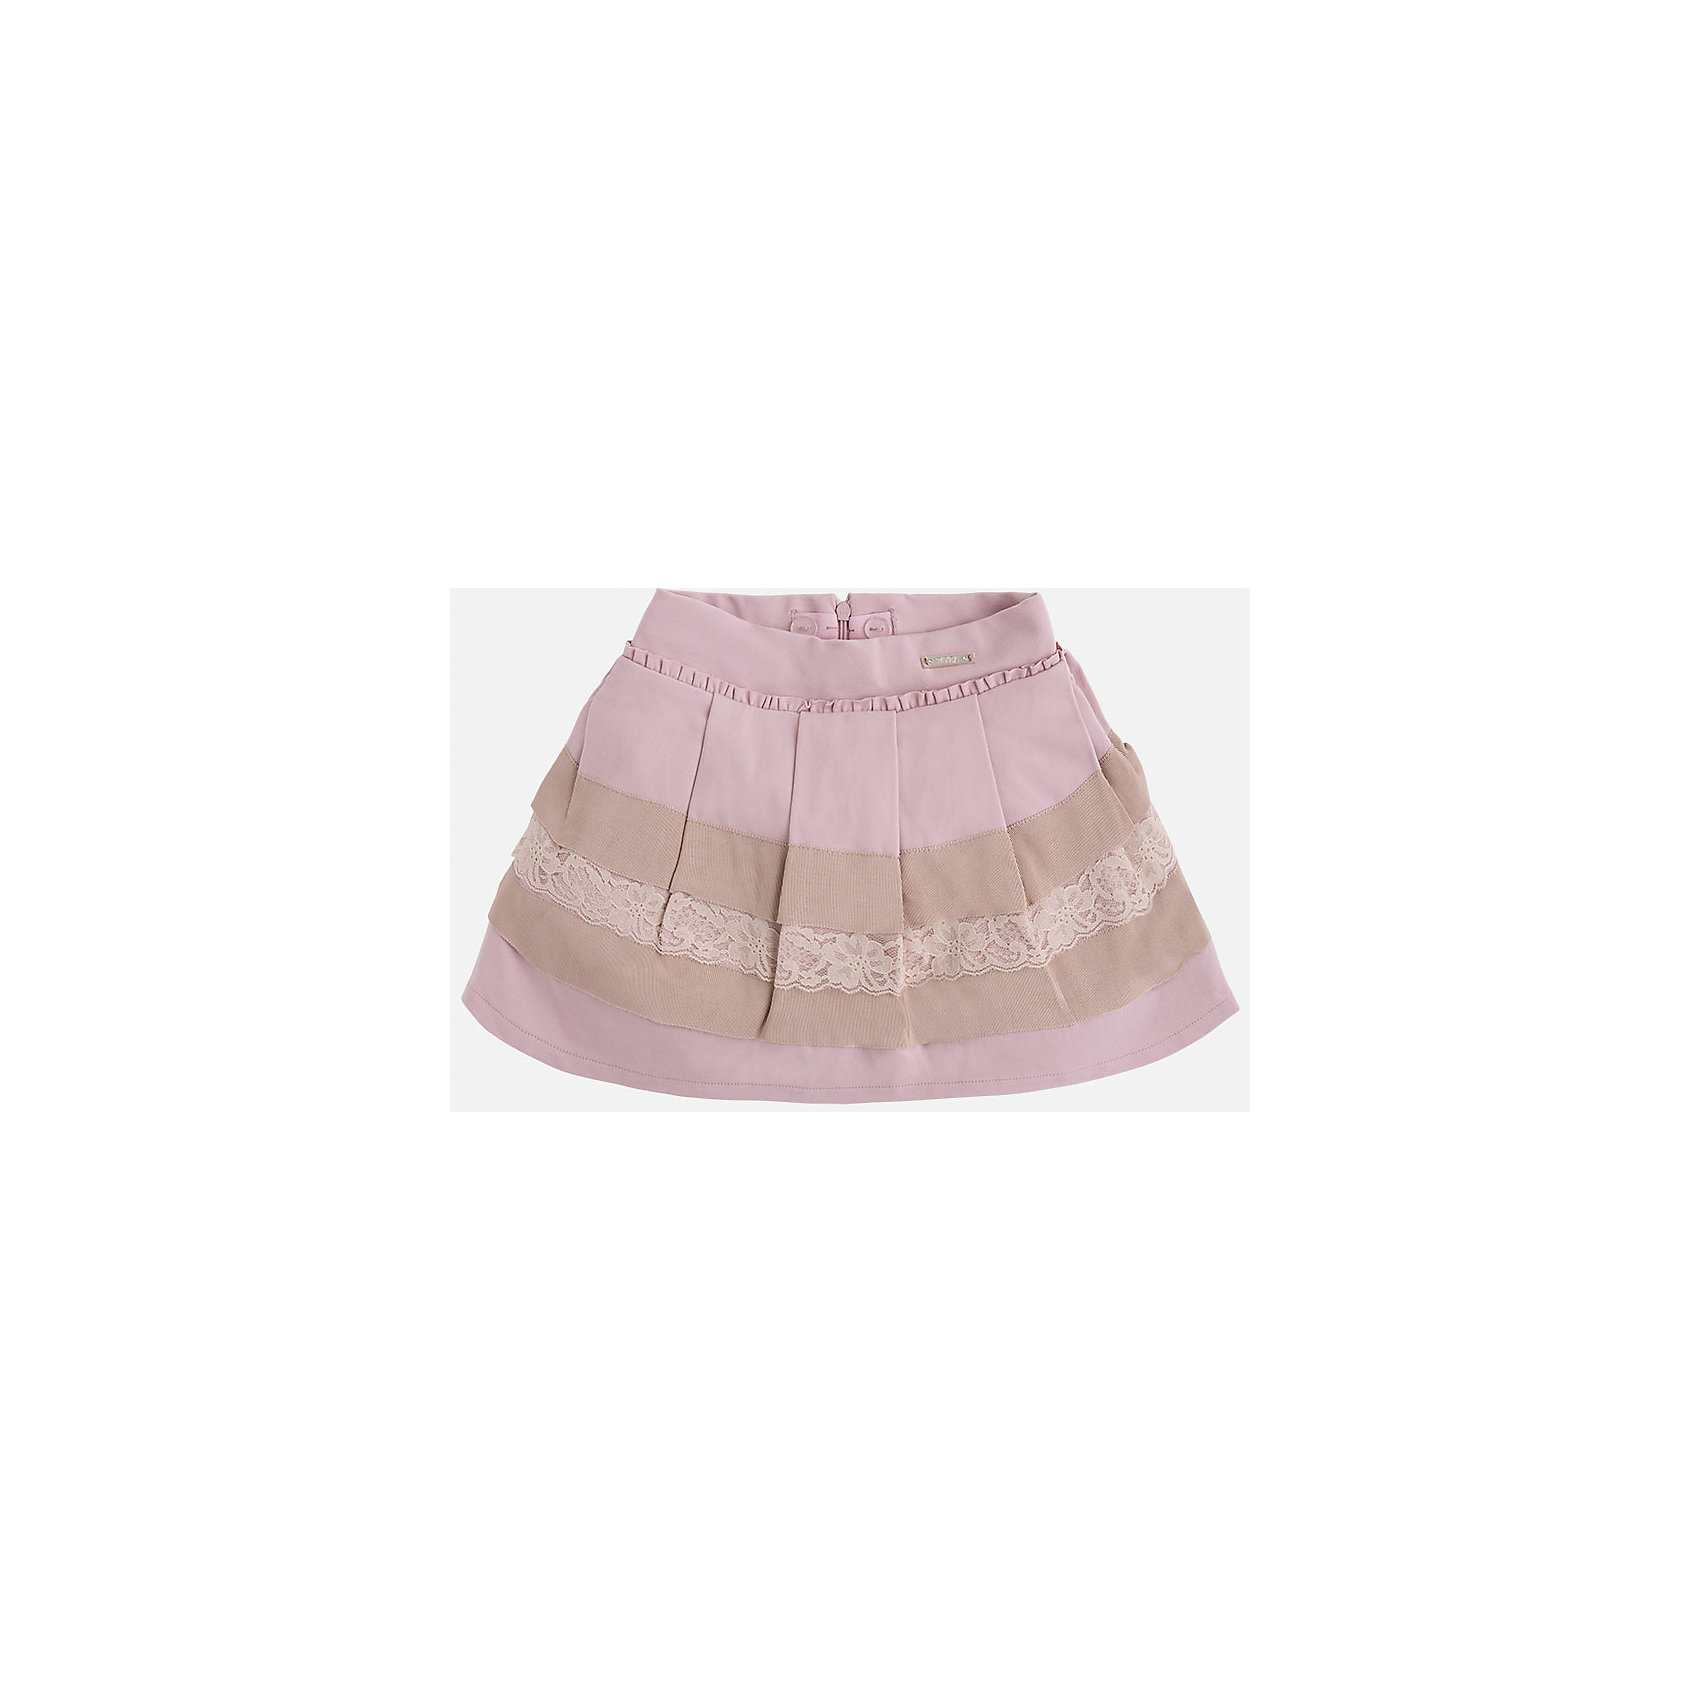 Юбка для девочки MayoralОдежда<br>Юбка для девочка от известного испанского бренда Mayoral(Майорал). Модель изготовлена из качественных материалов, приятных на ощупь. Юбка застегивается на молнию, украшена оборками, нежными кружевами. Контрастный дизайн юбки отлично смотрится на юной моднице!<br>Дополнительная информация:<br>-сзади застегивается на молнию<br>-украшена кружевами и оборками<br>-цвет: розовый/бежевый<br>-состав: 71% вискоза, 26% полиамид, 3% эластан; подкладка: 80% полиэстер, 20% хлопок<br>Юбку Mayoral(Майорал) можно приобрести в нашем интернет-магазине.<br><br>Ширина мм: 207<br>Глубина мм: 10<br>Высота мм: 189<br>Вес г: 183<br>Цвет: розовый<br>Возраст от месяцев: 36<br>Возраст до месяцев: 48<br>Пол: Женский<br>Возраст: Детский<br>Размер: 104,116,110,134,128,122,98<br>SKU: 4844239